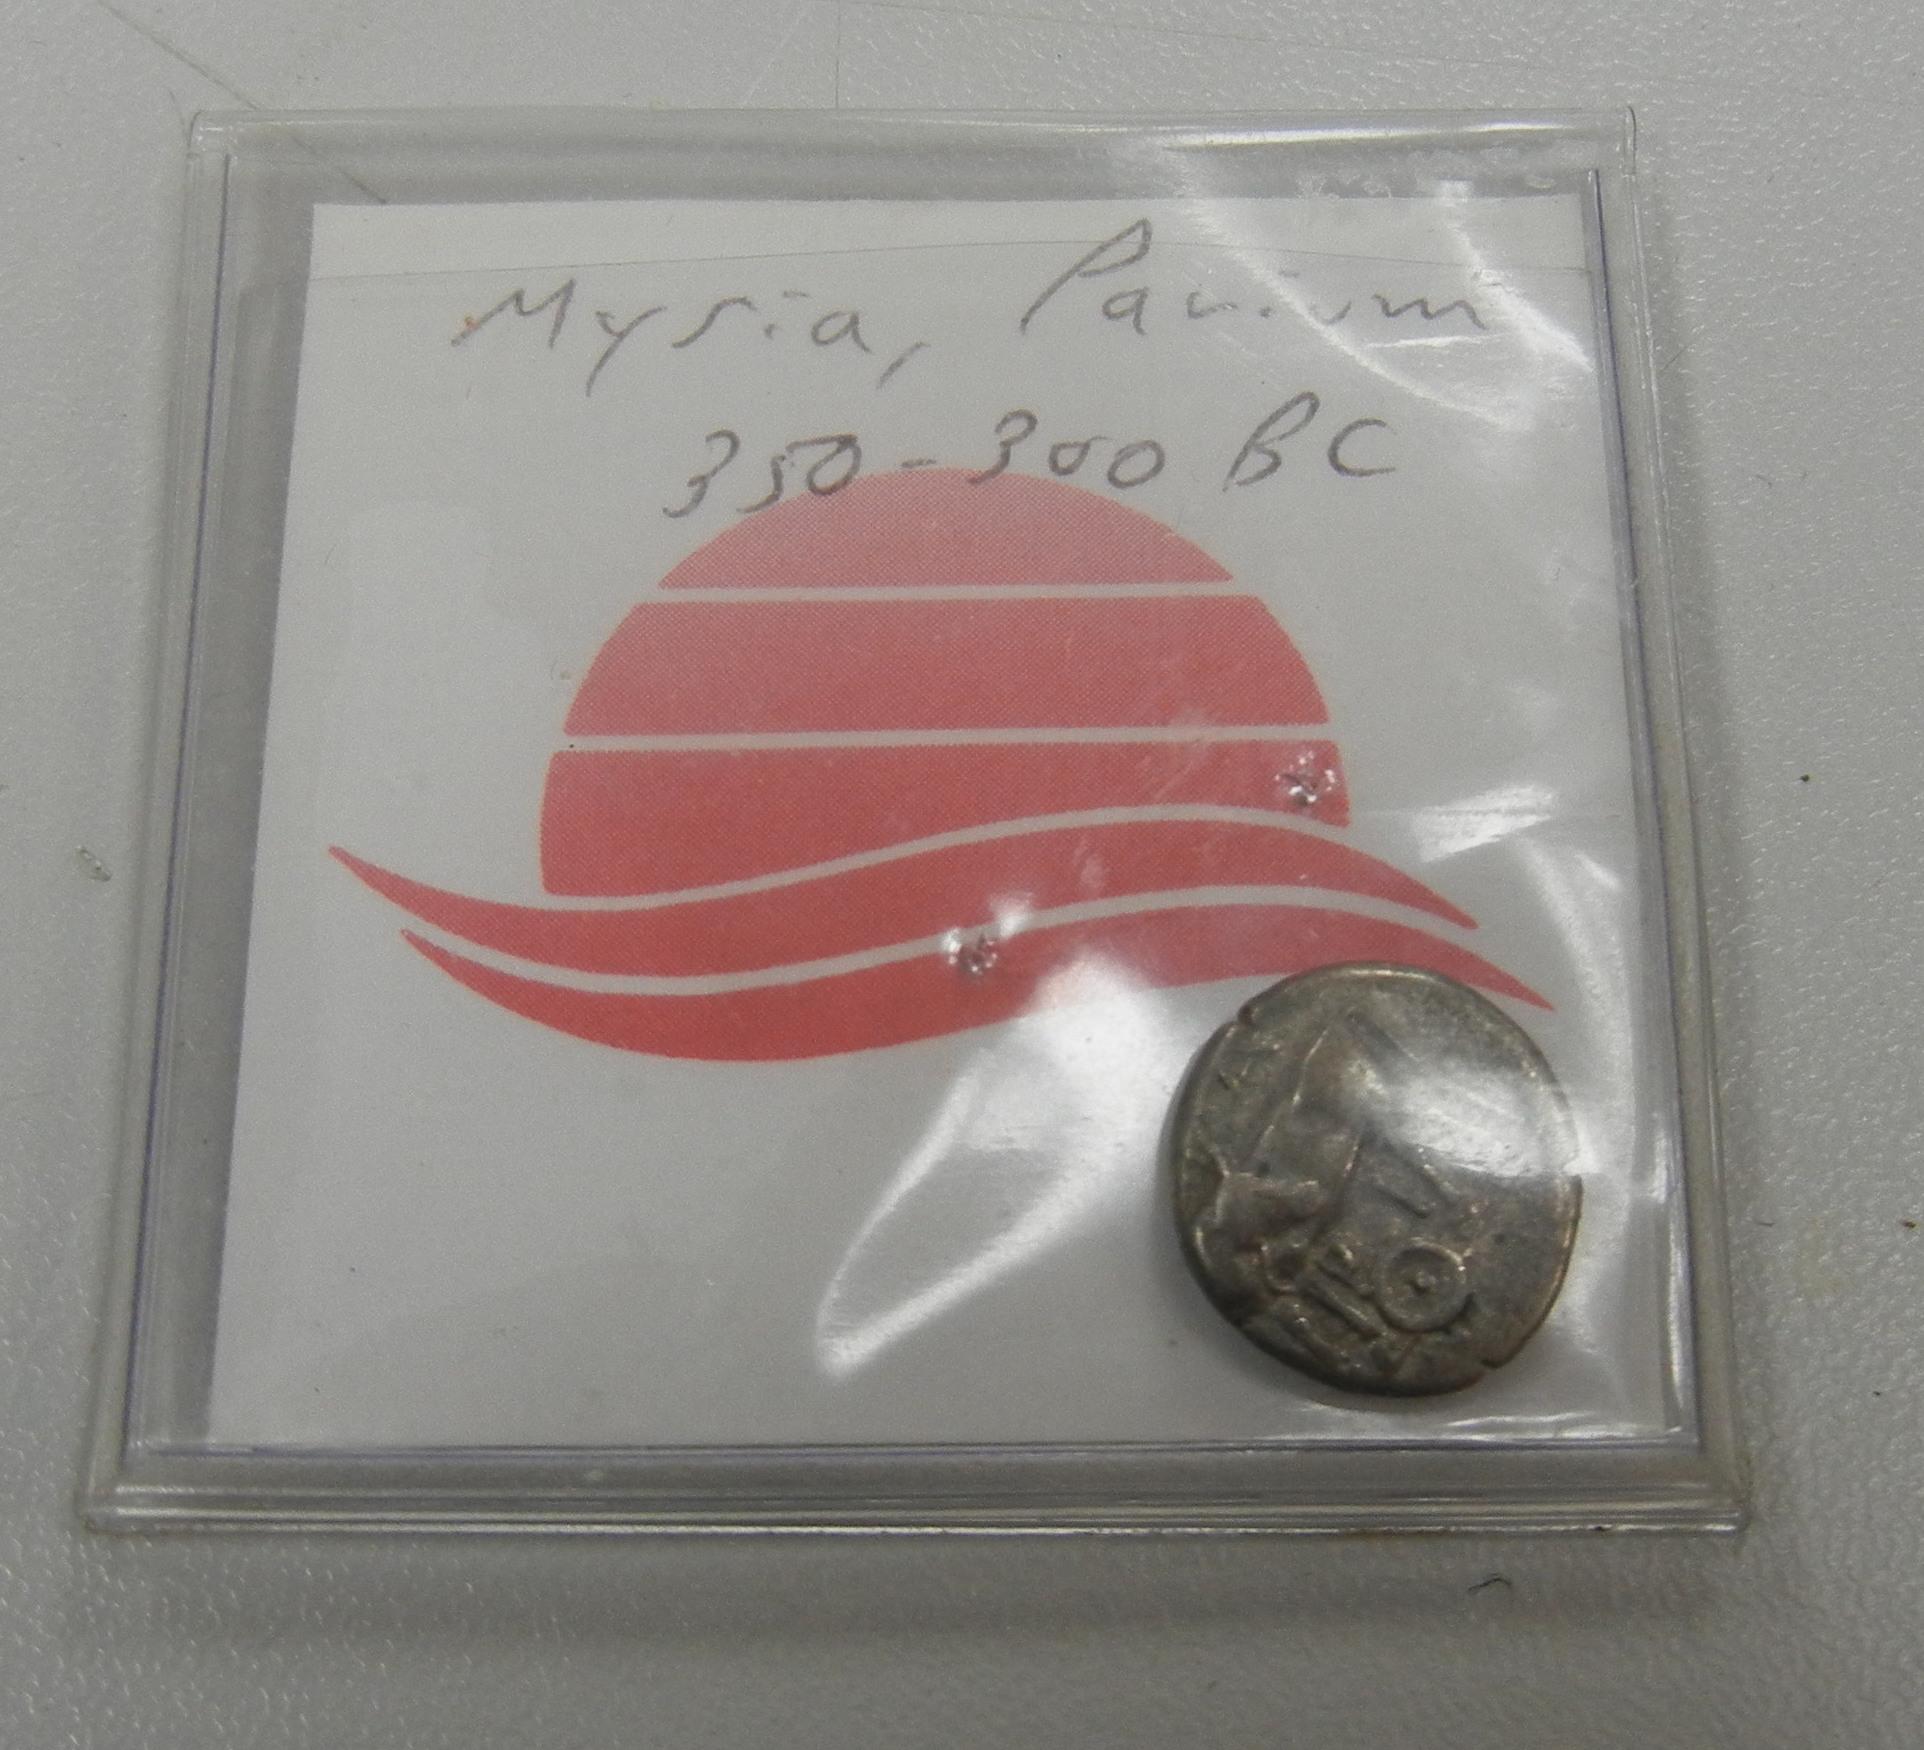 MYSIA PAVIUM 350-300 BC - FOREIGN COIN